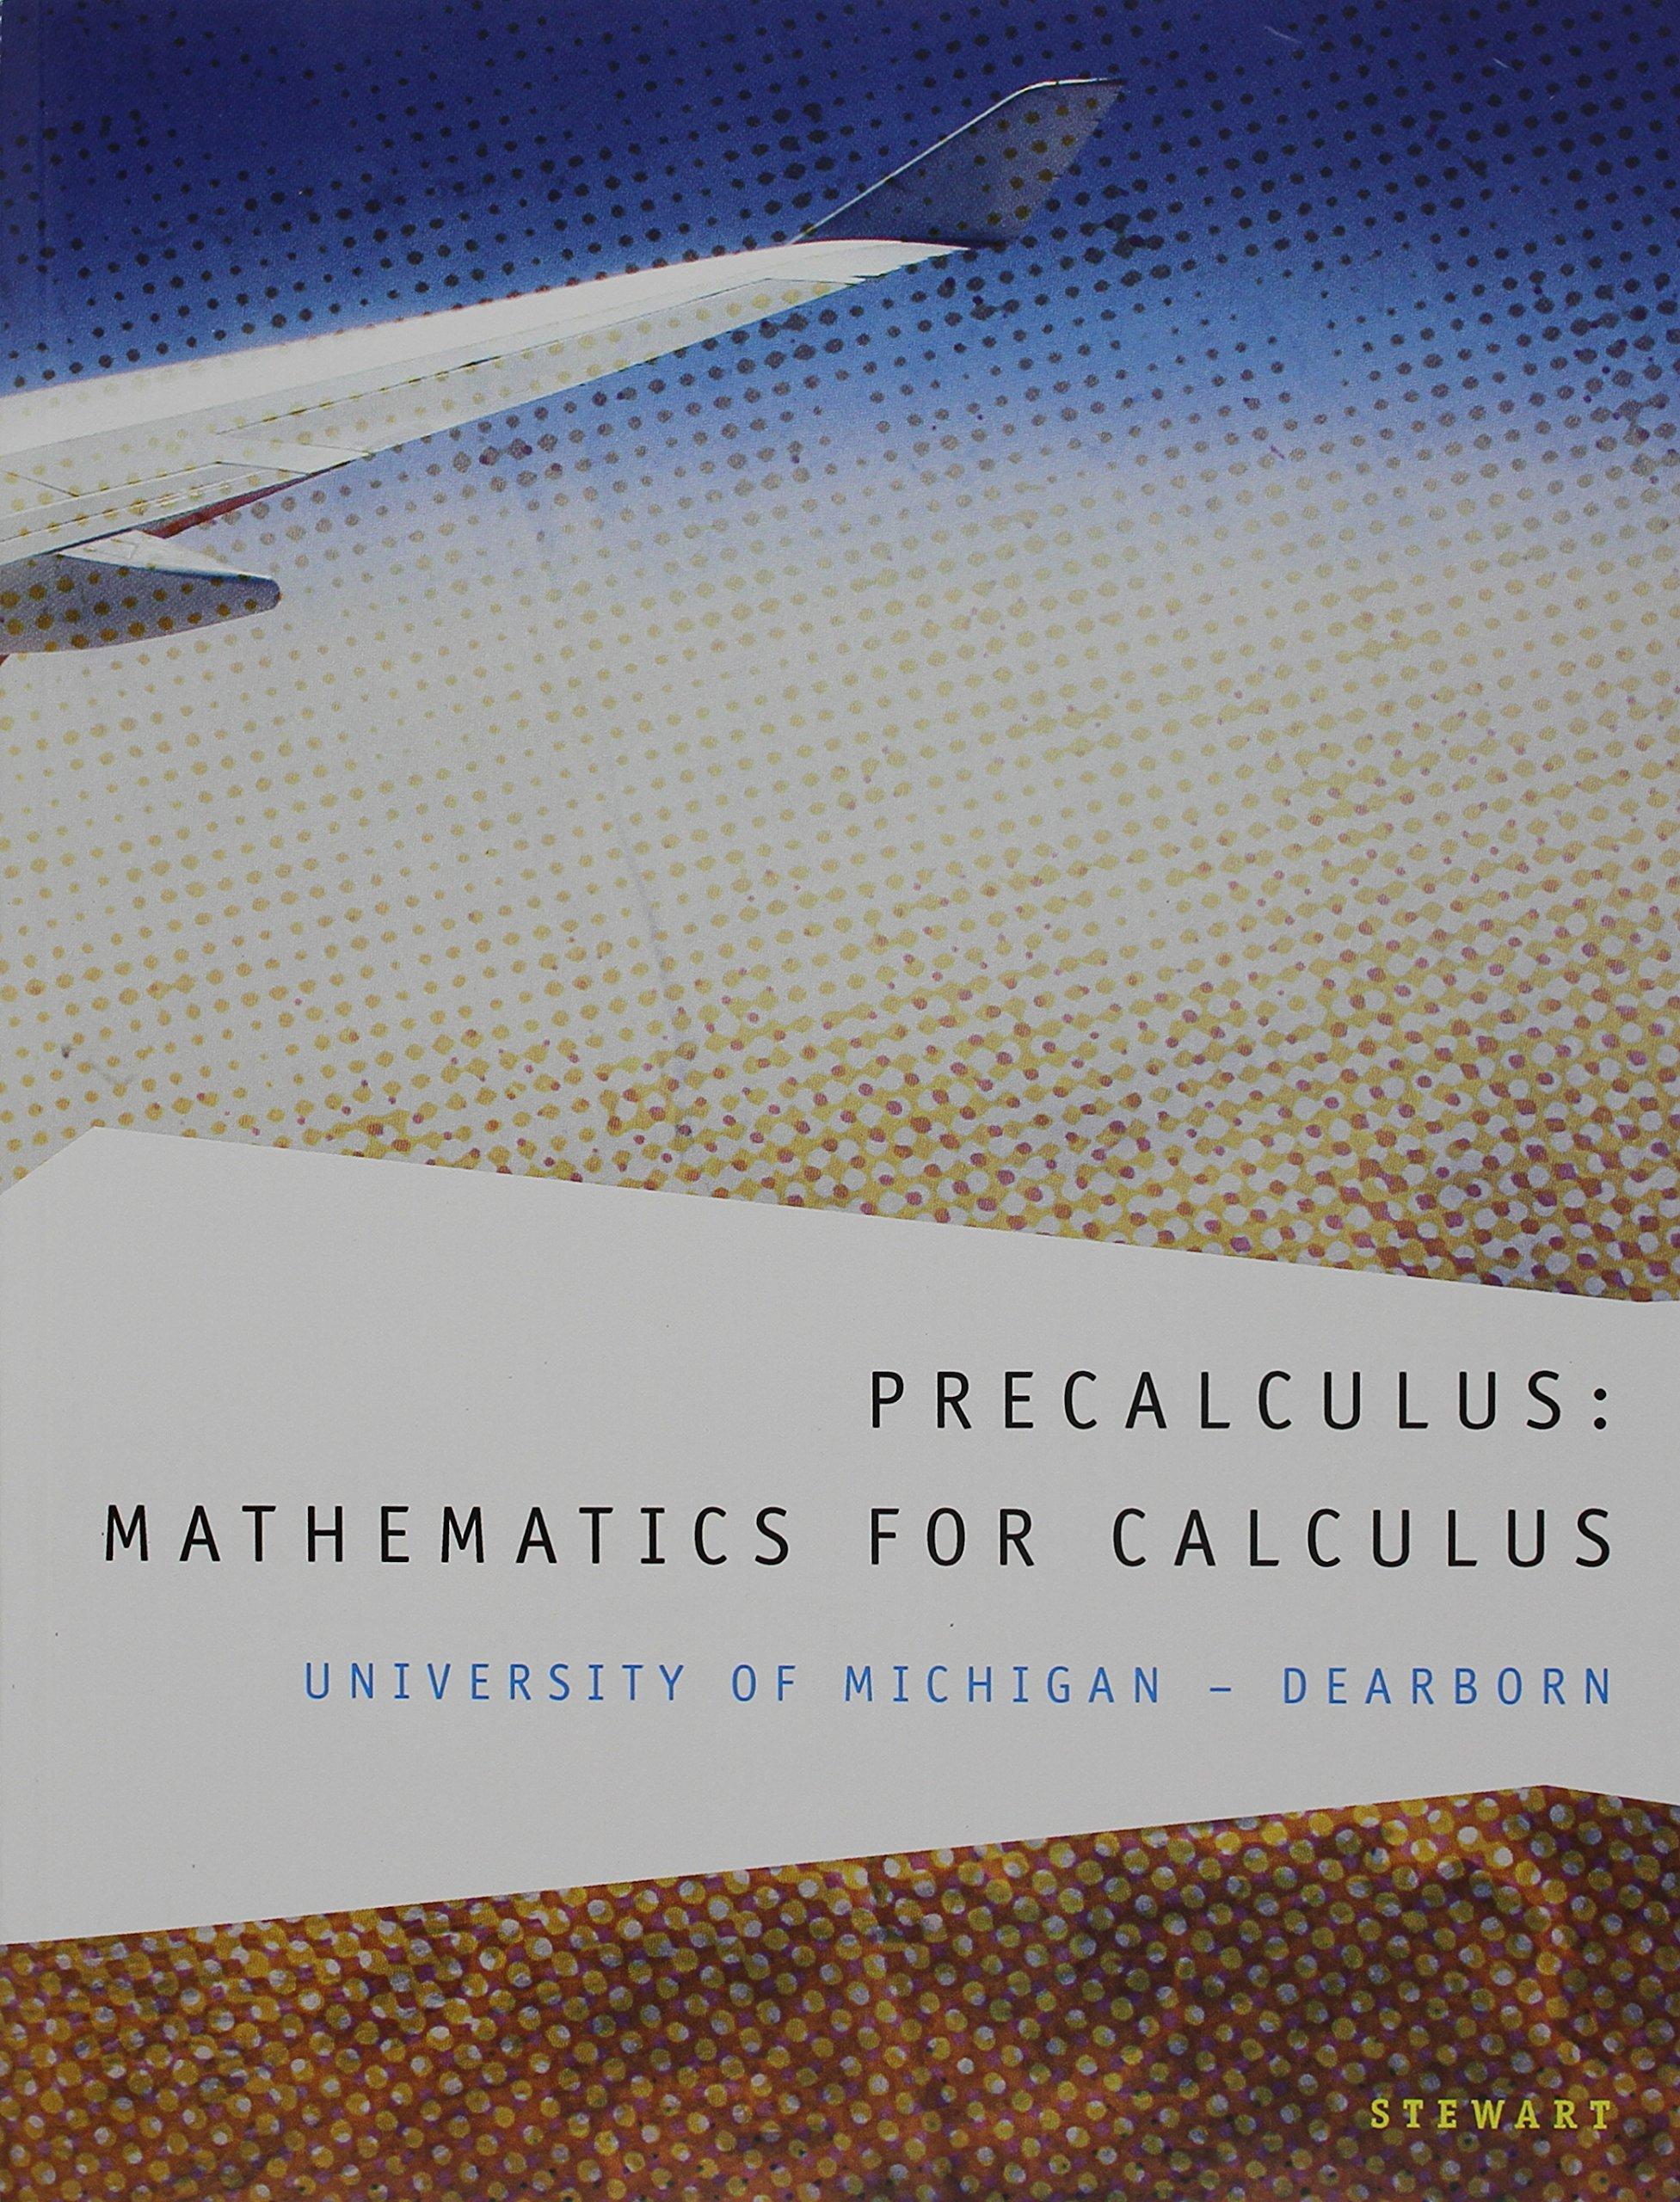 Amazon Buy Custom Precalculus Mathematics For Calculus